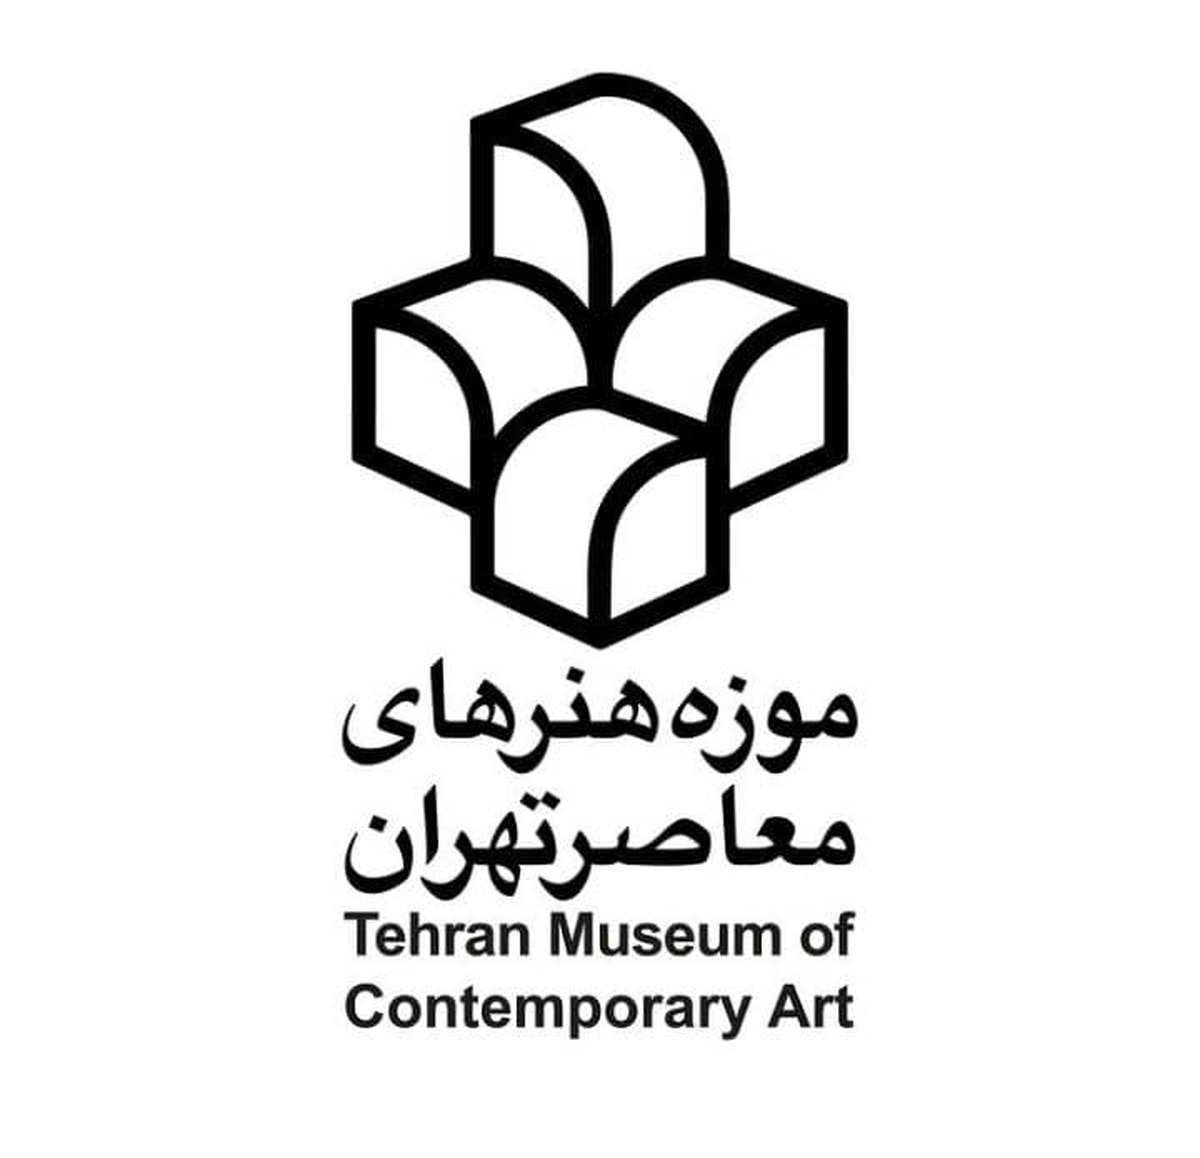 تعطیلی موزه هنرهای معاصر تهران در وضعیت قرمز کرونایی